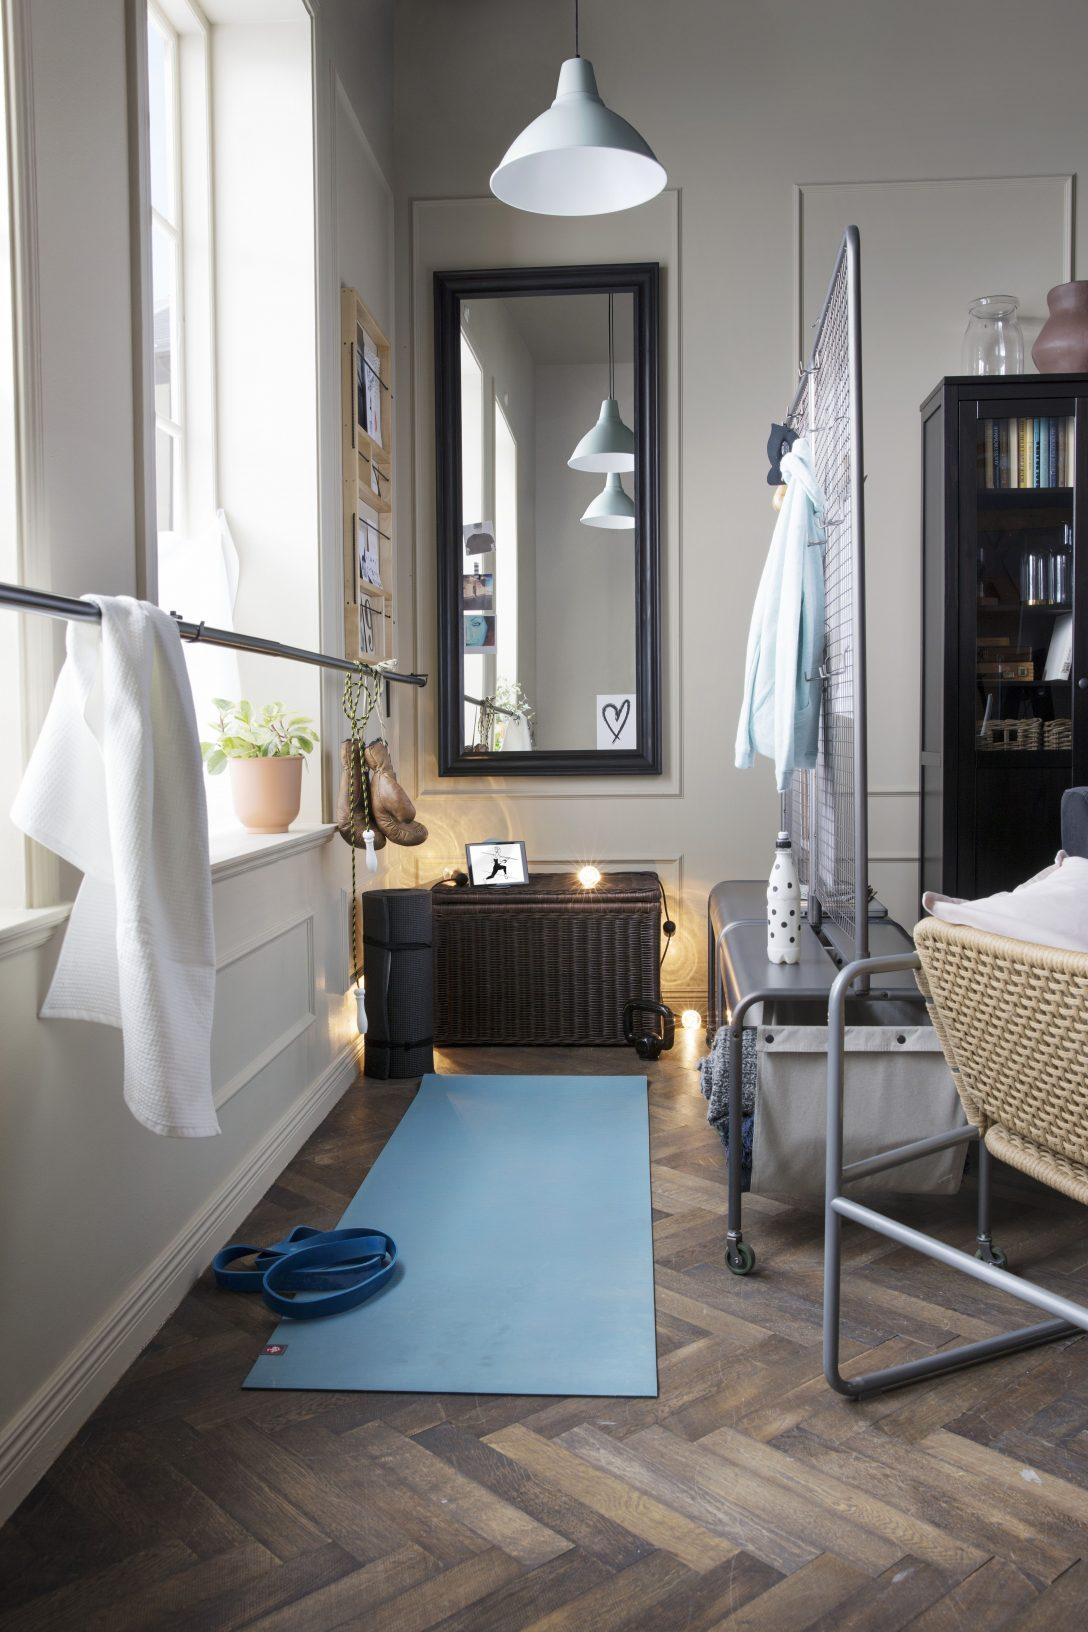 Large Size of Ikea Raumteiler Veberd Naturfarben Deutschland Regal Betten 160x200 Miniküche Küche Kosten Modulküche Kaufen Sofa Mit Schlaffunktion Bei Wohnzimmer Ikea Raumteiler